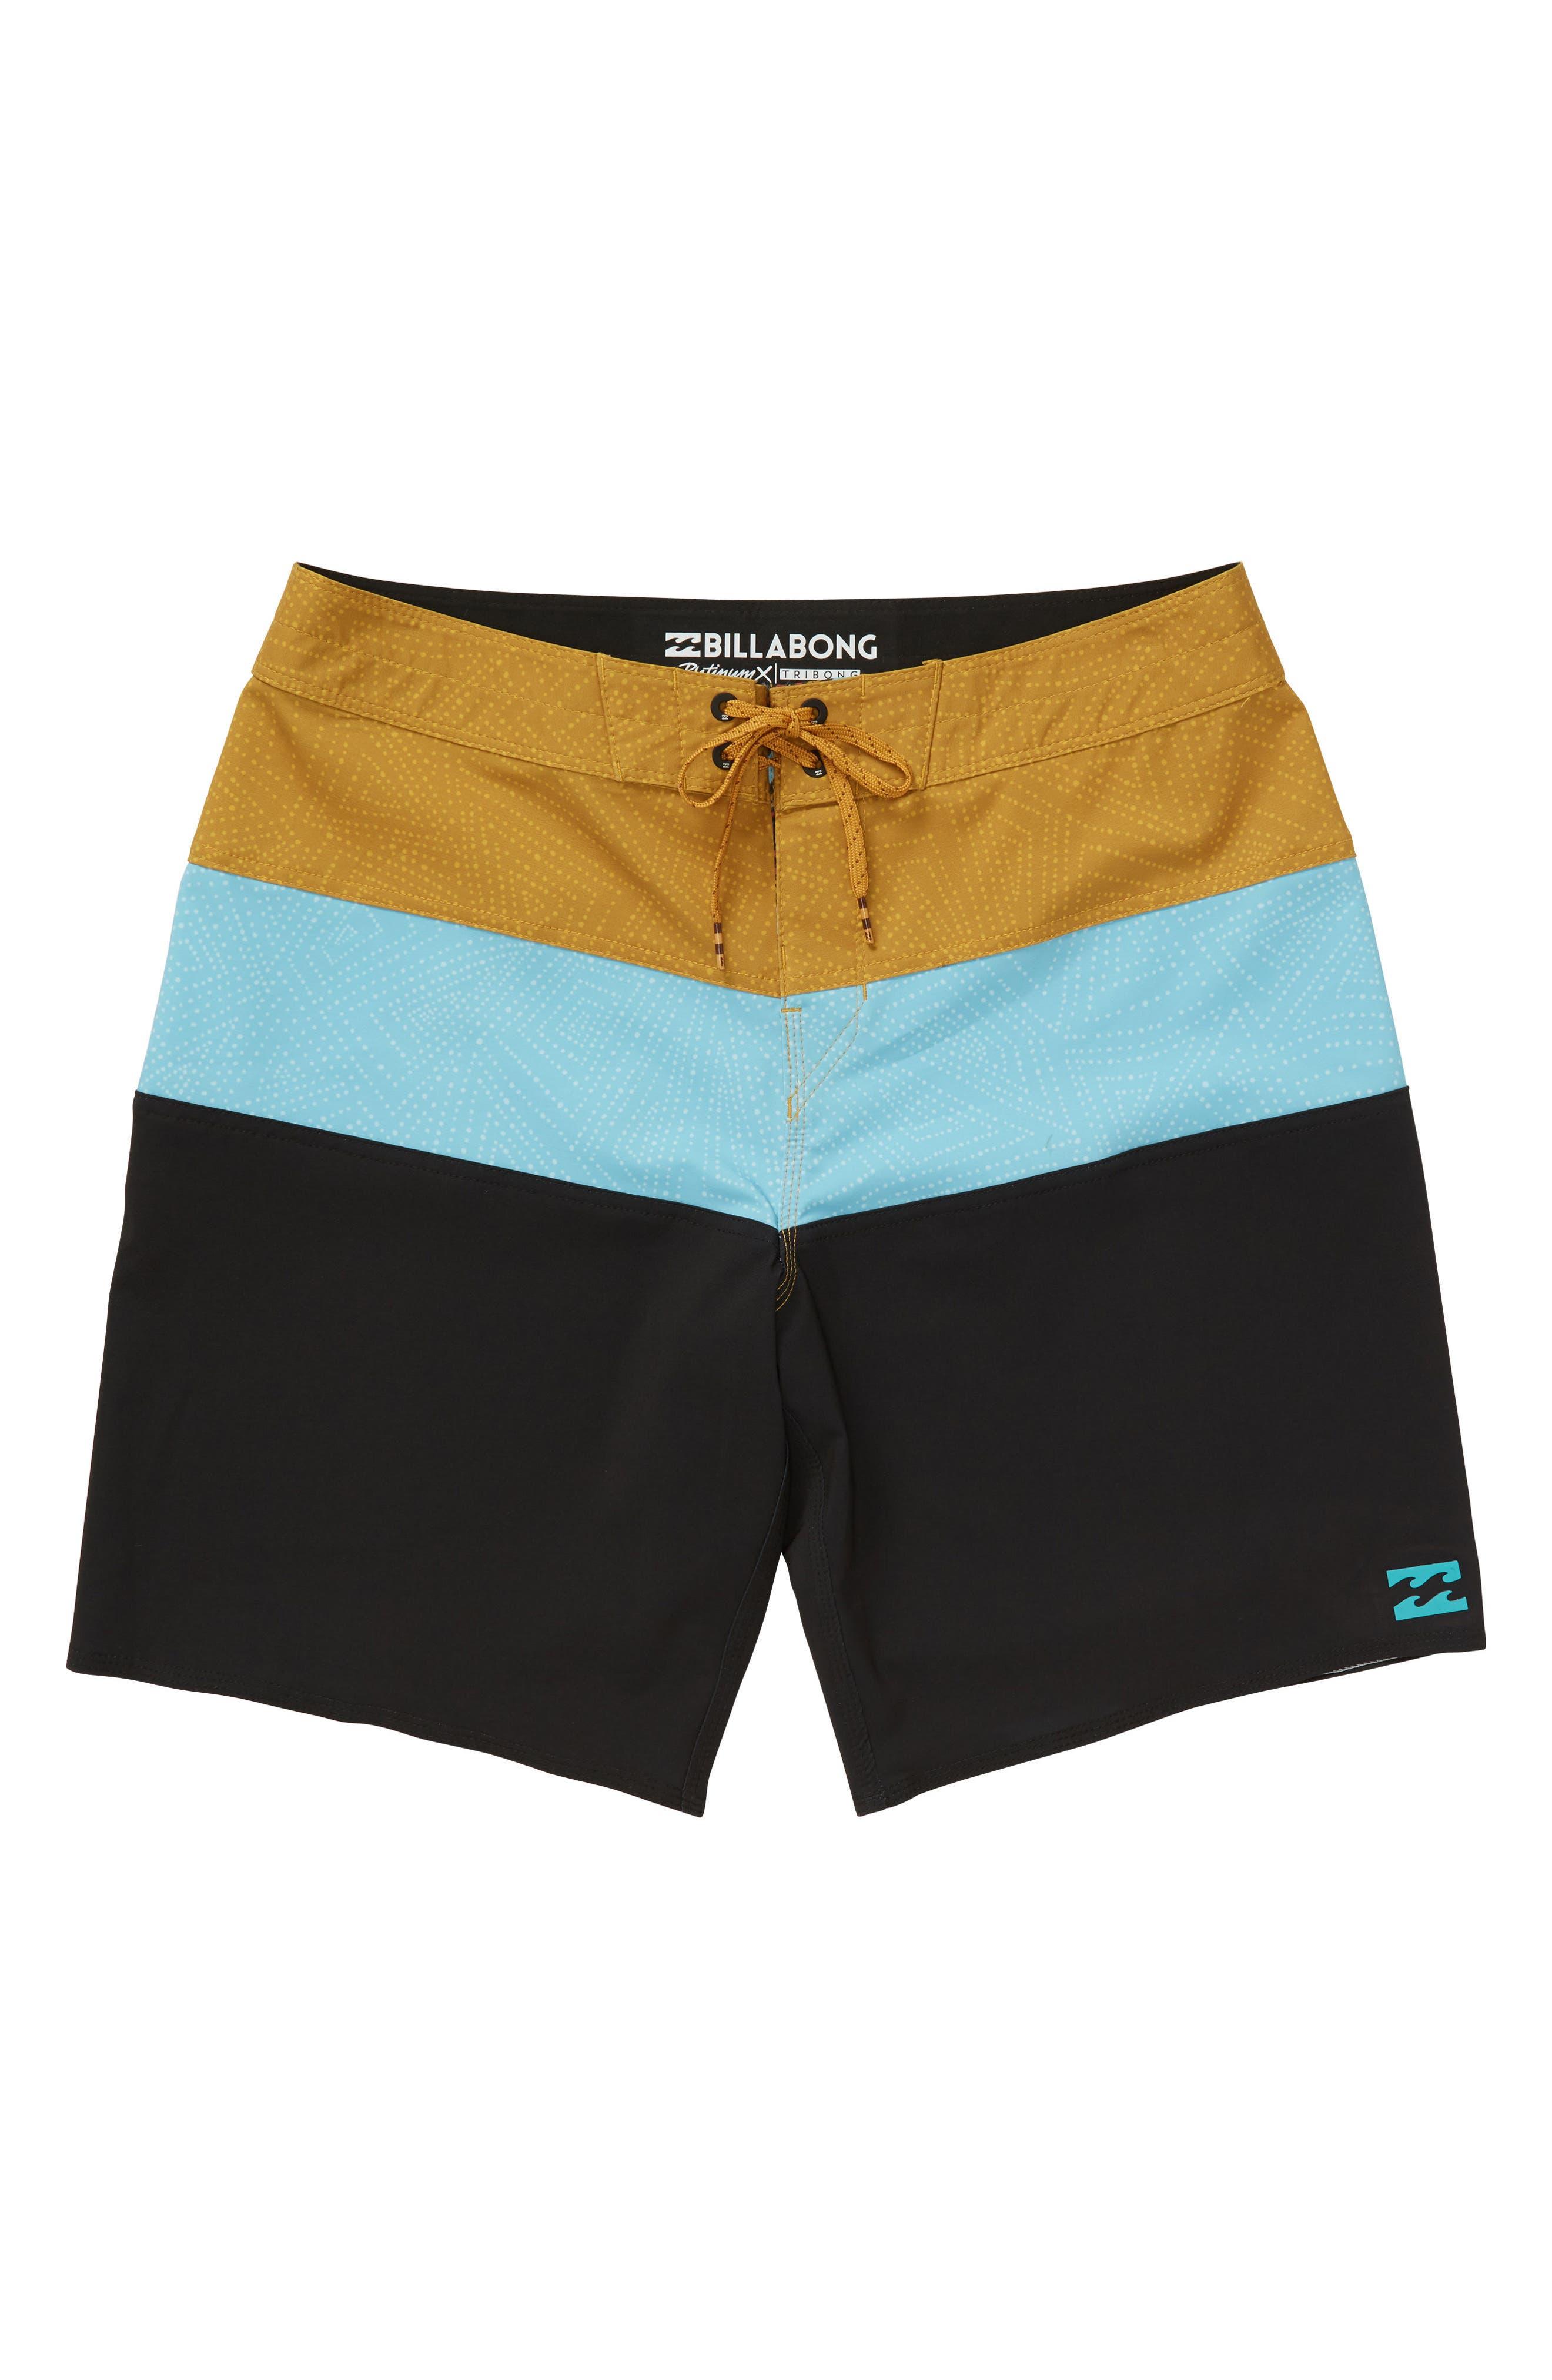 Tribong X Board Shorts,                         Main,                         color, Aqua